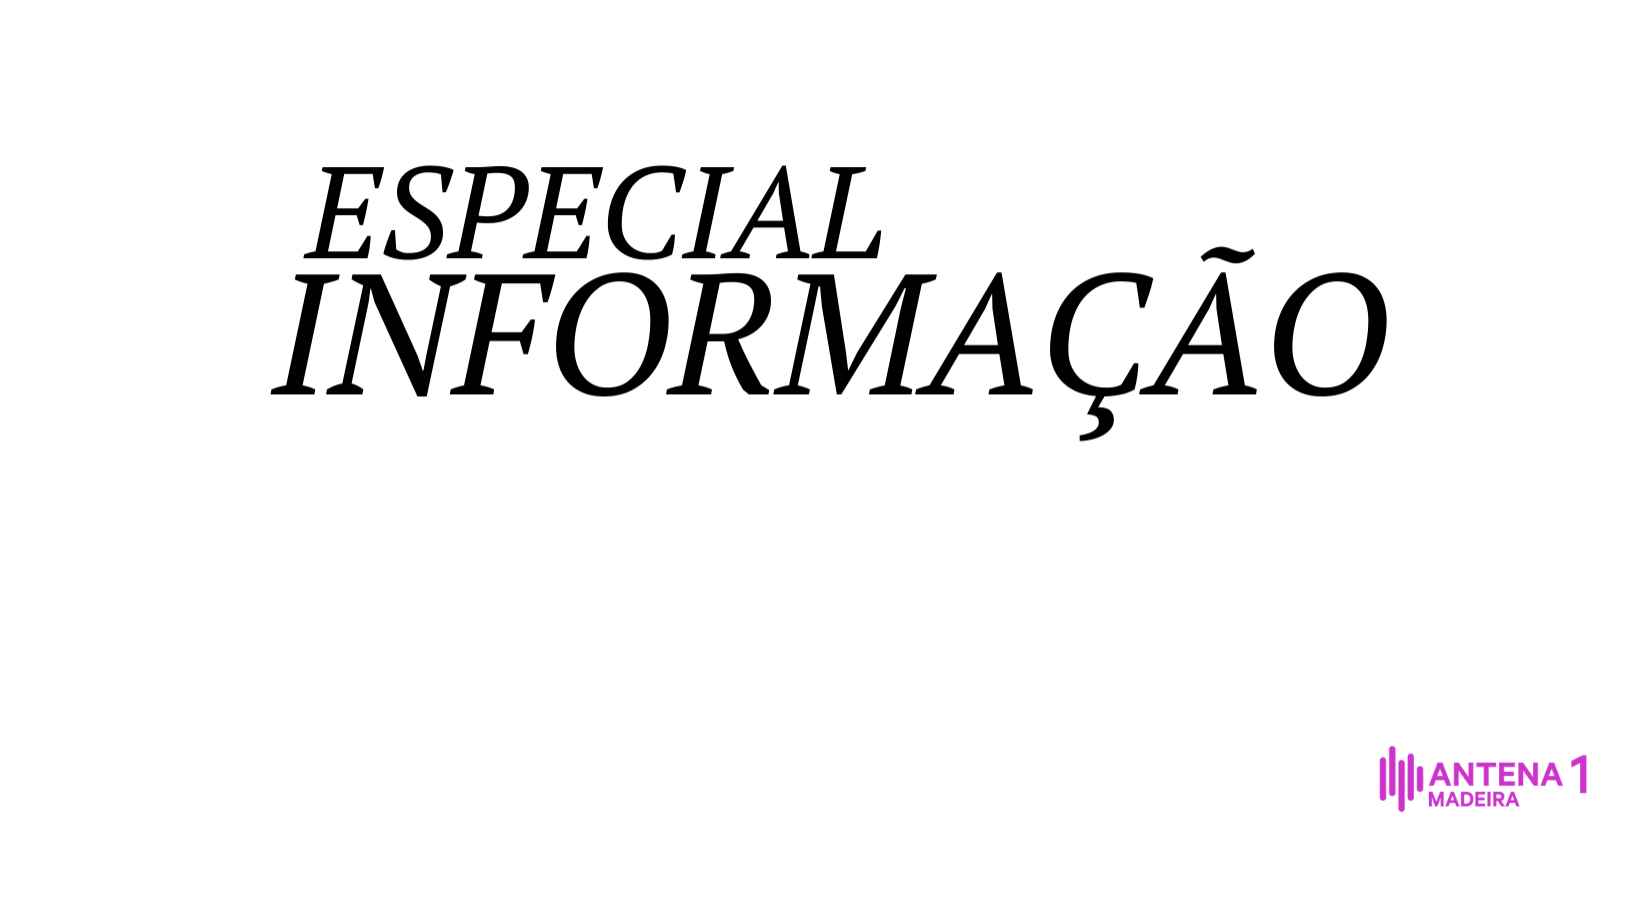 Especial Informação